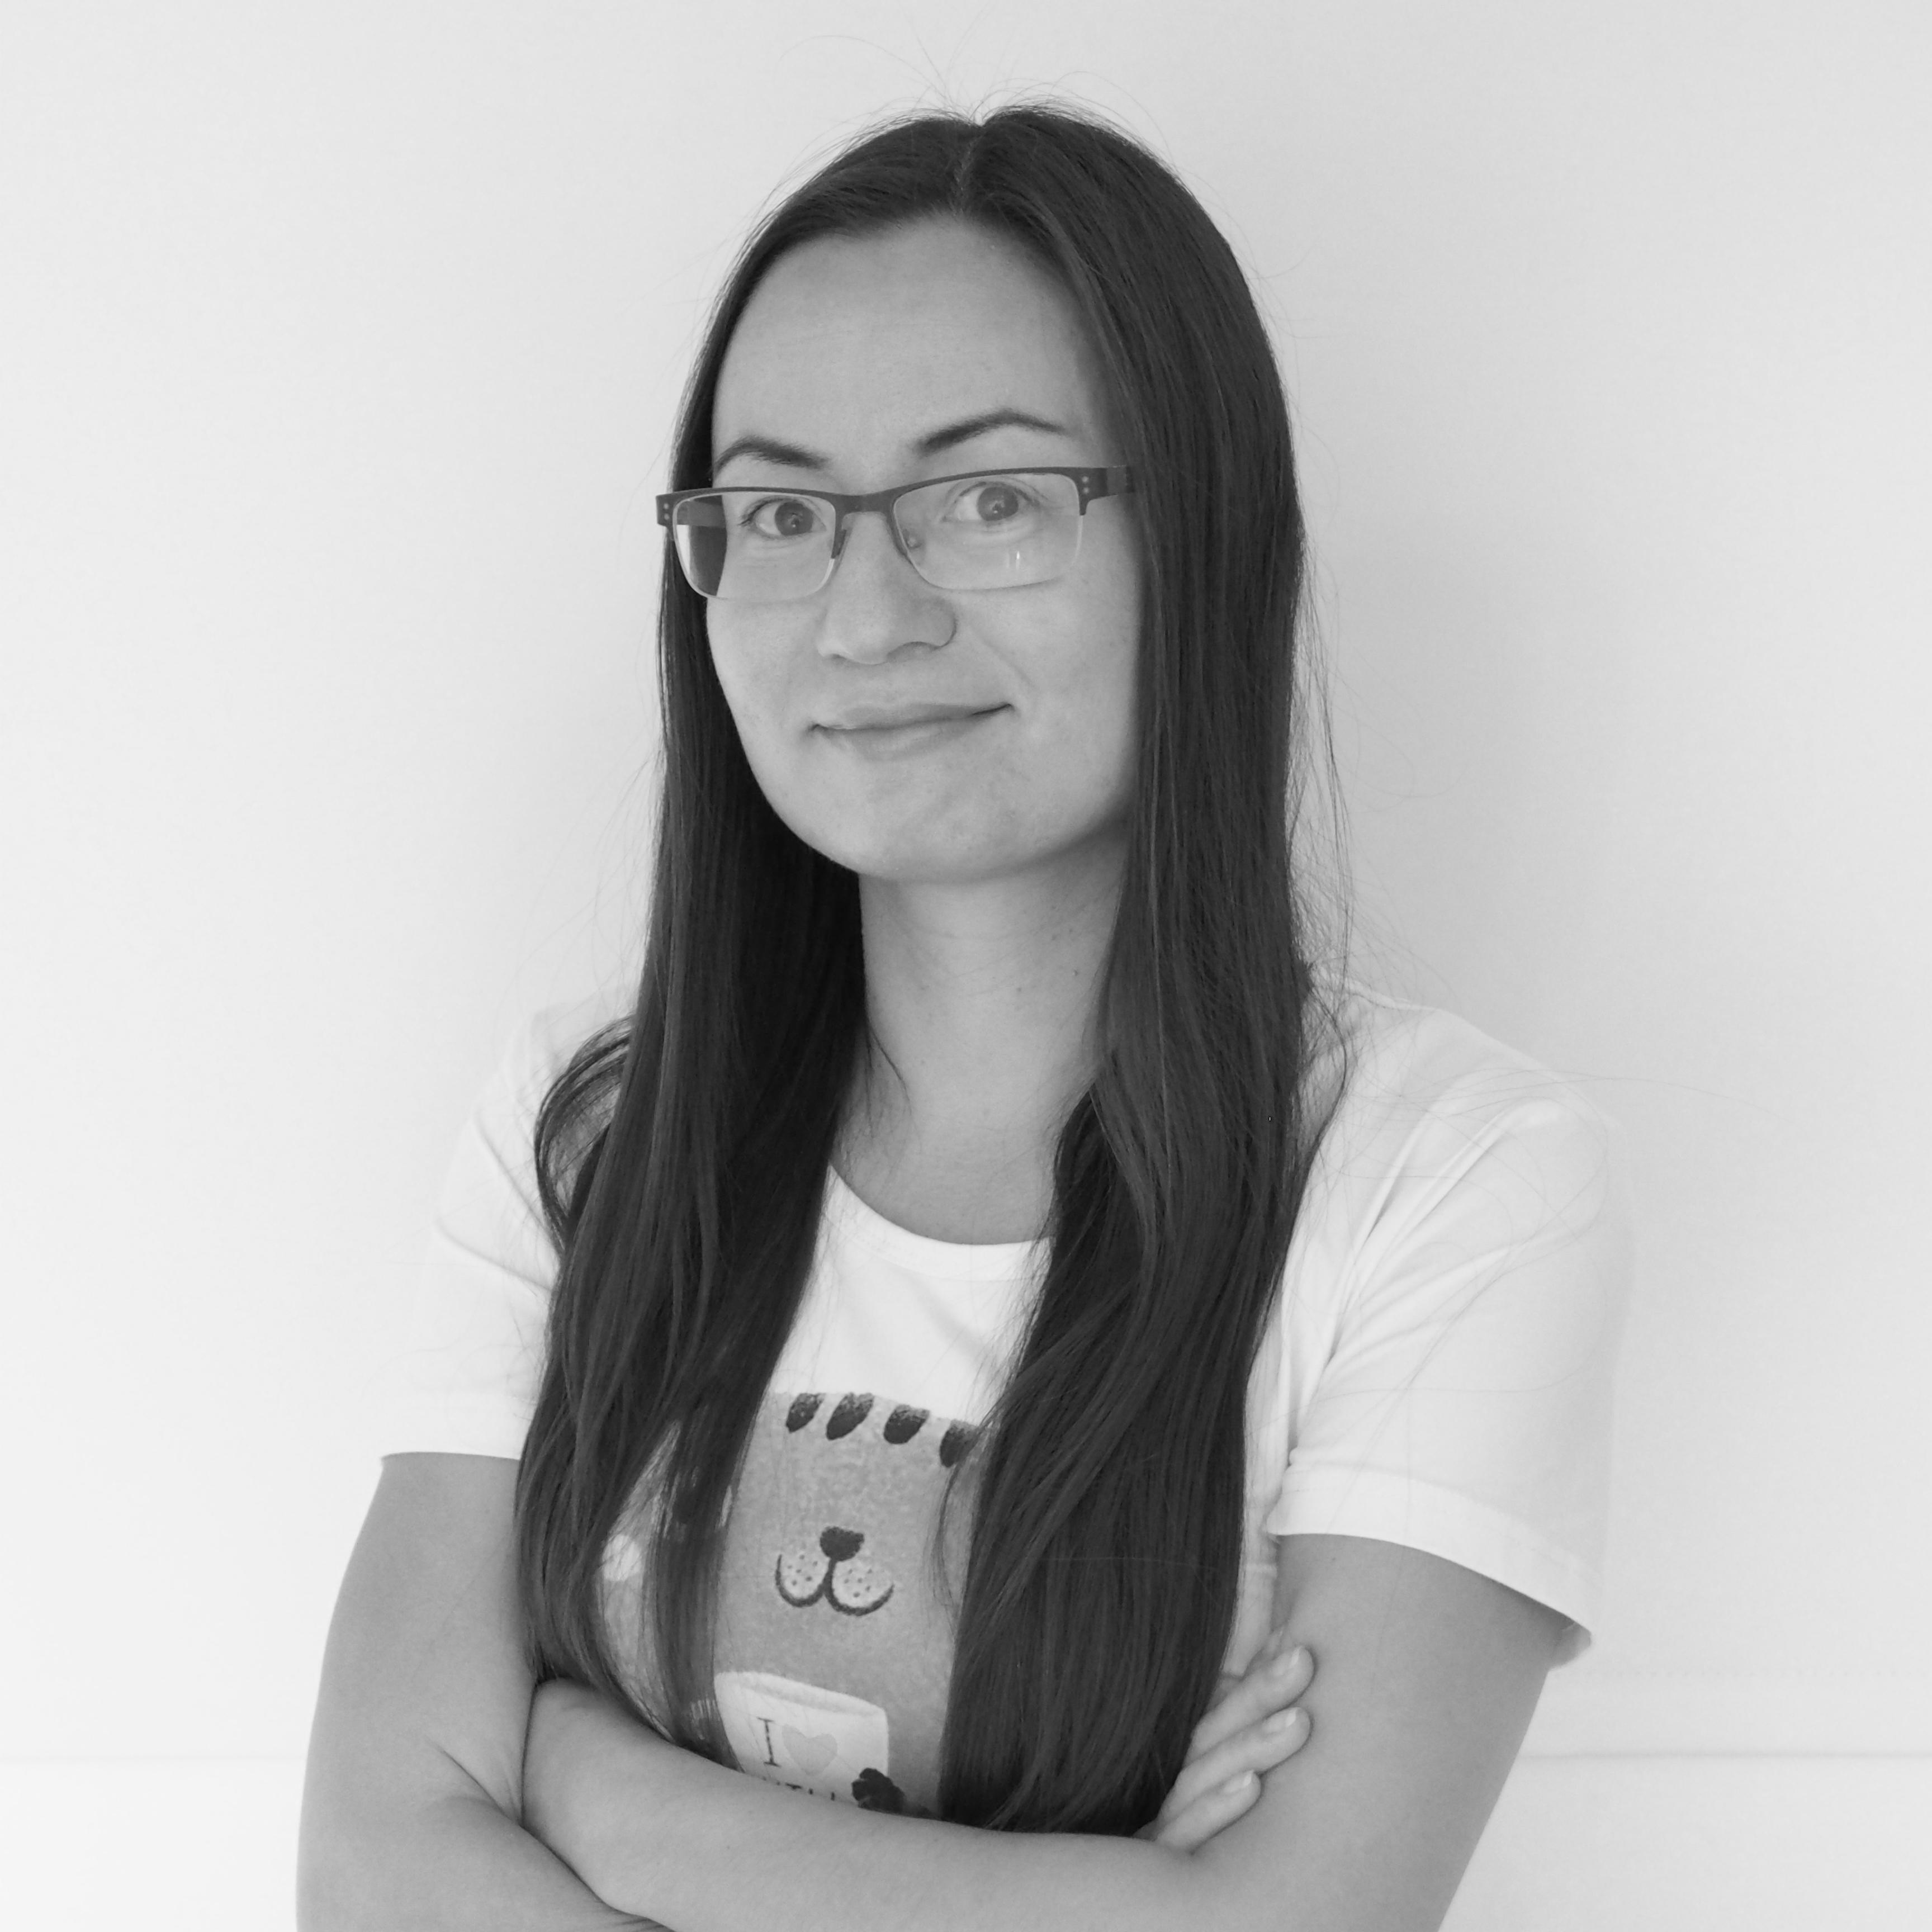 Olga Zhertakova